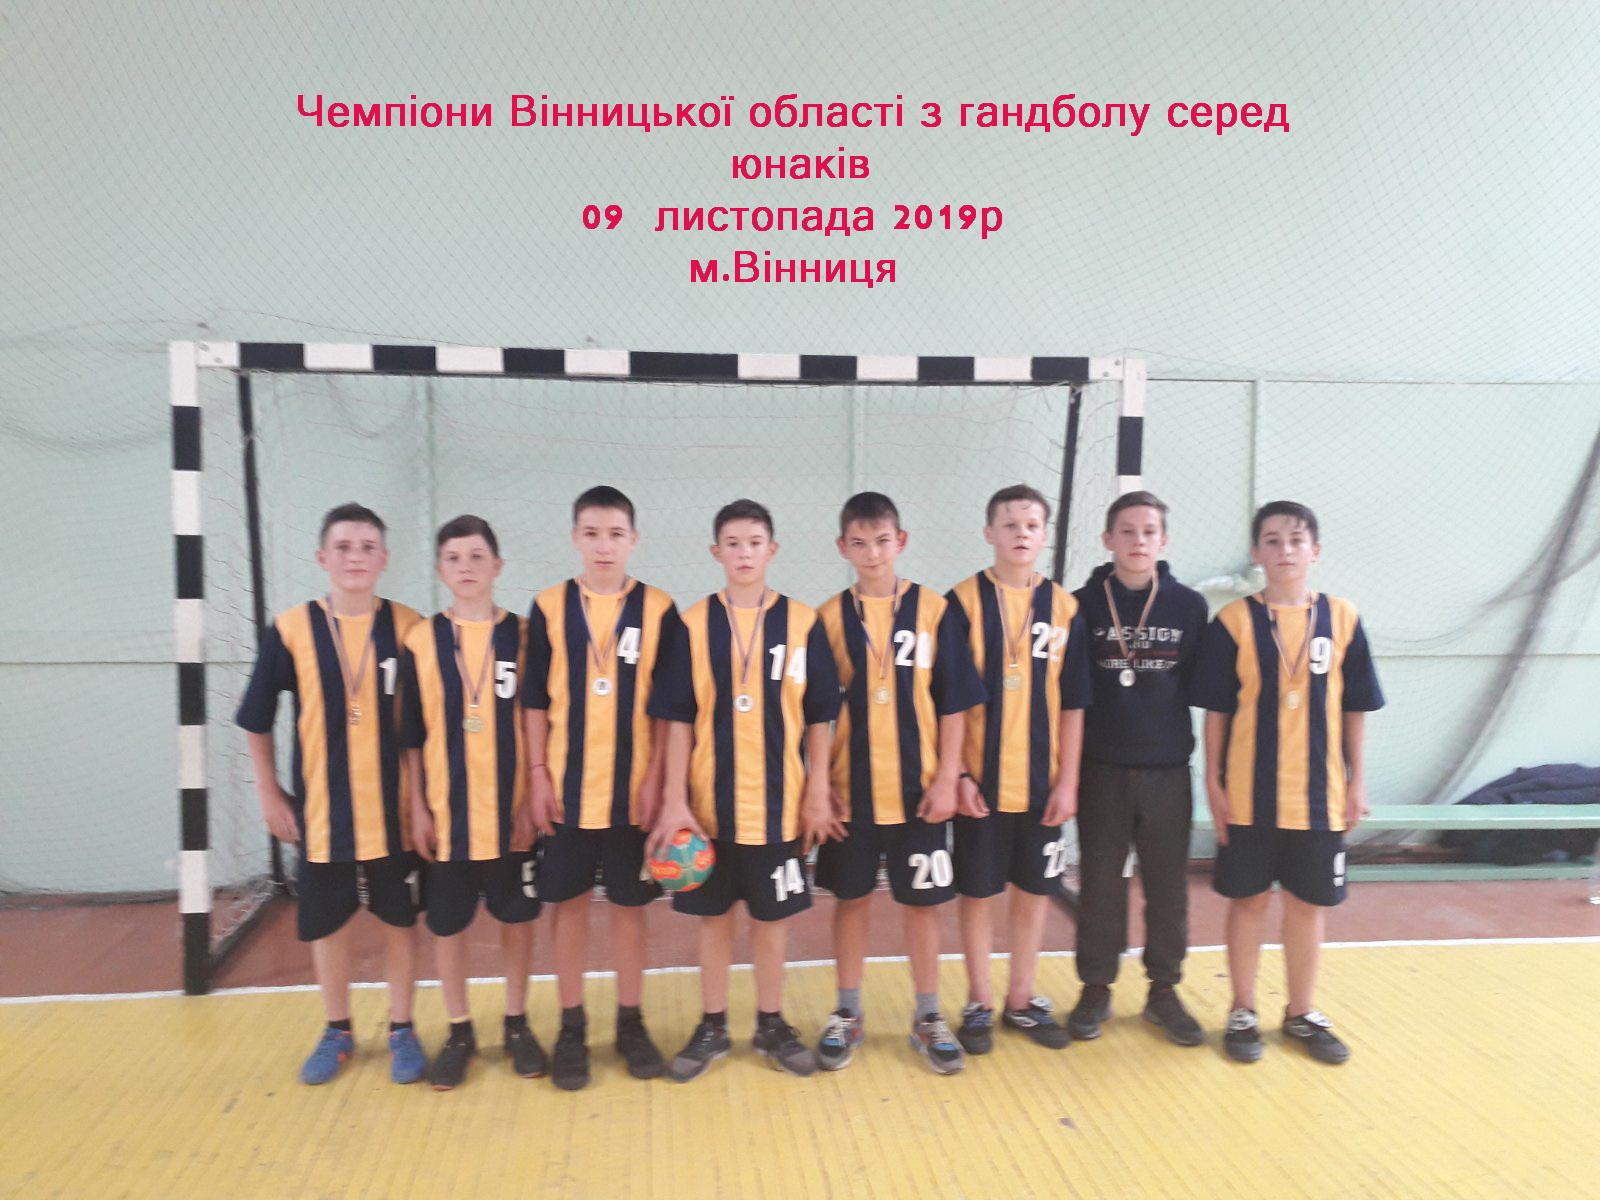 Уланівські юні гандболісти стали чемпіонами Вінницької області